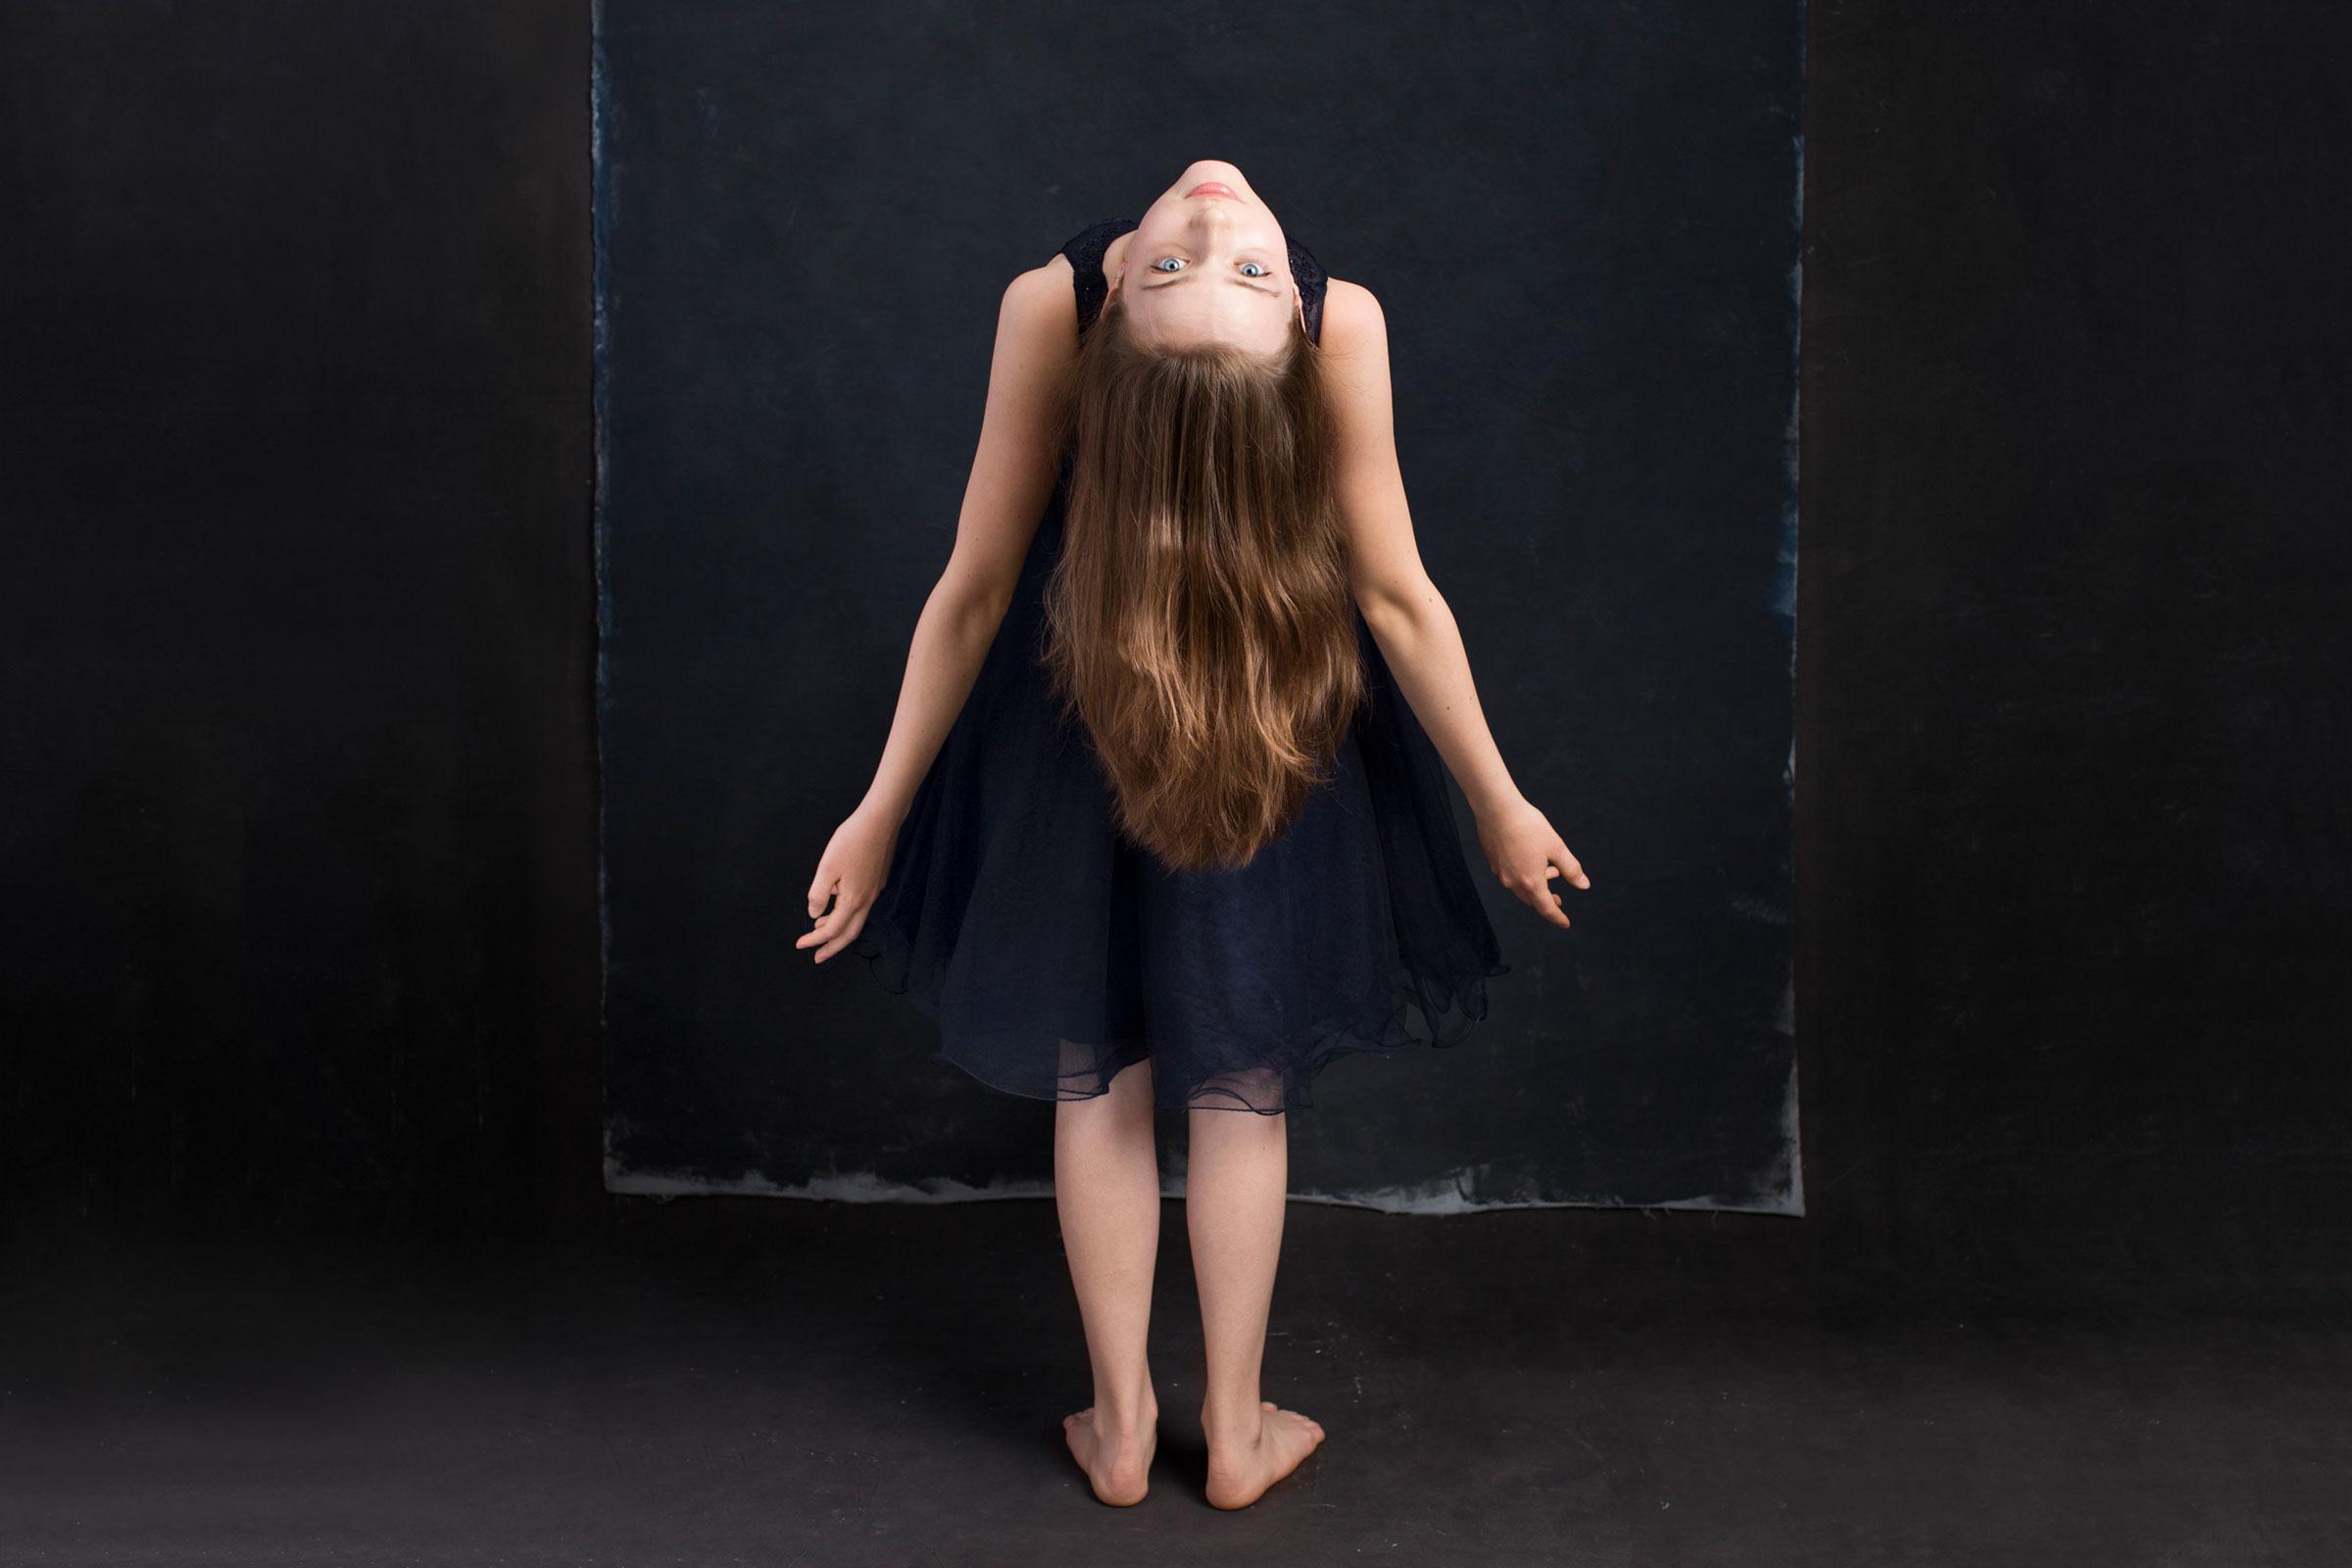 Fine-Art-Portrait-Teen-Girl-in-blue-dress-bending-backward